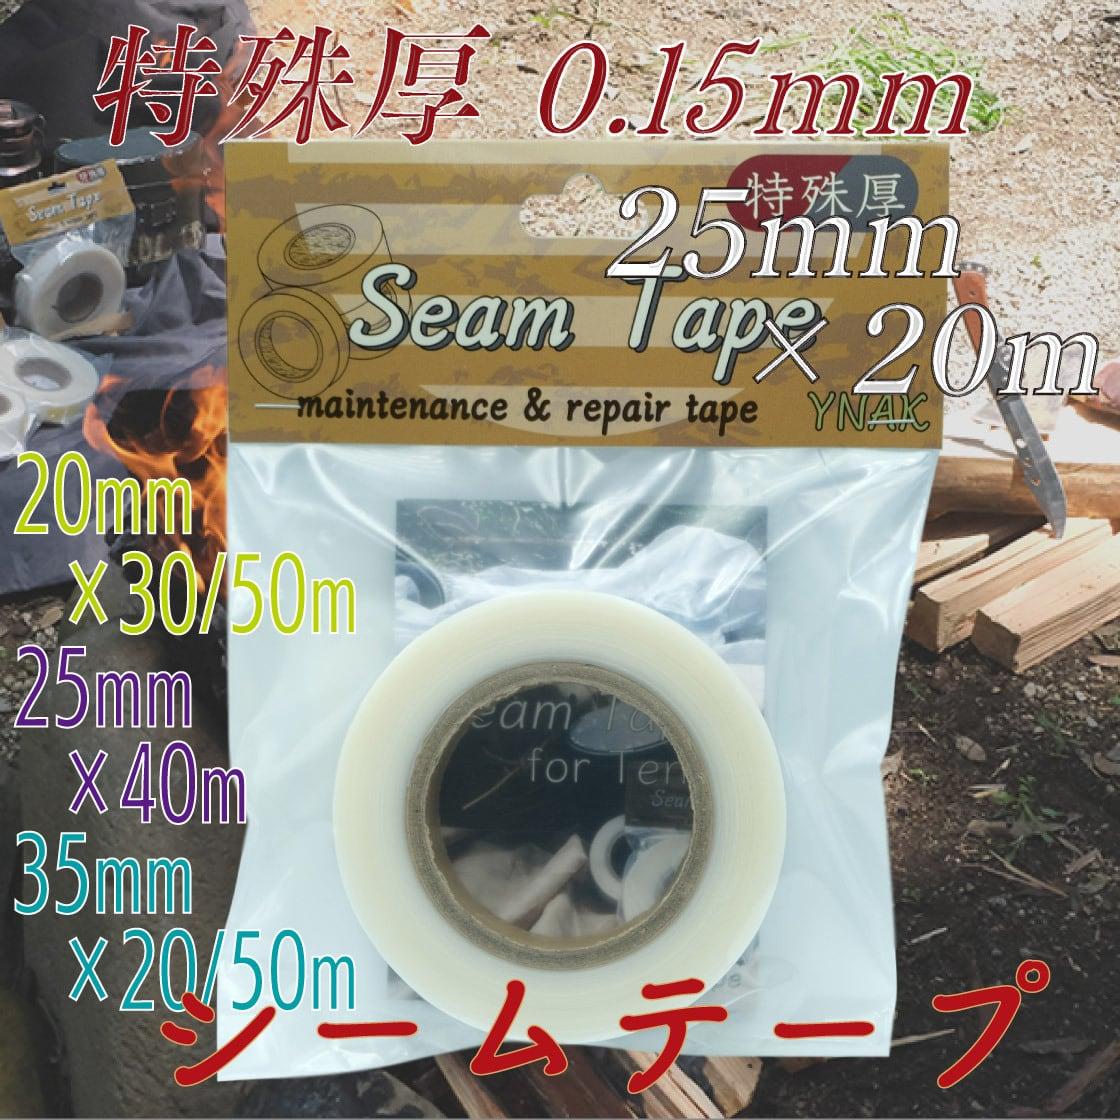 シームテープ 特殊厚 テント ザック タープ シート レインウェア 補修 メンテナンス 用 強力 アイロン接着 厚さ0.15mm 幅25mm×20m YNAK